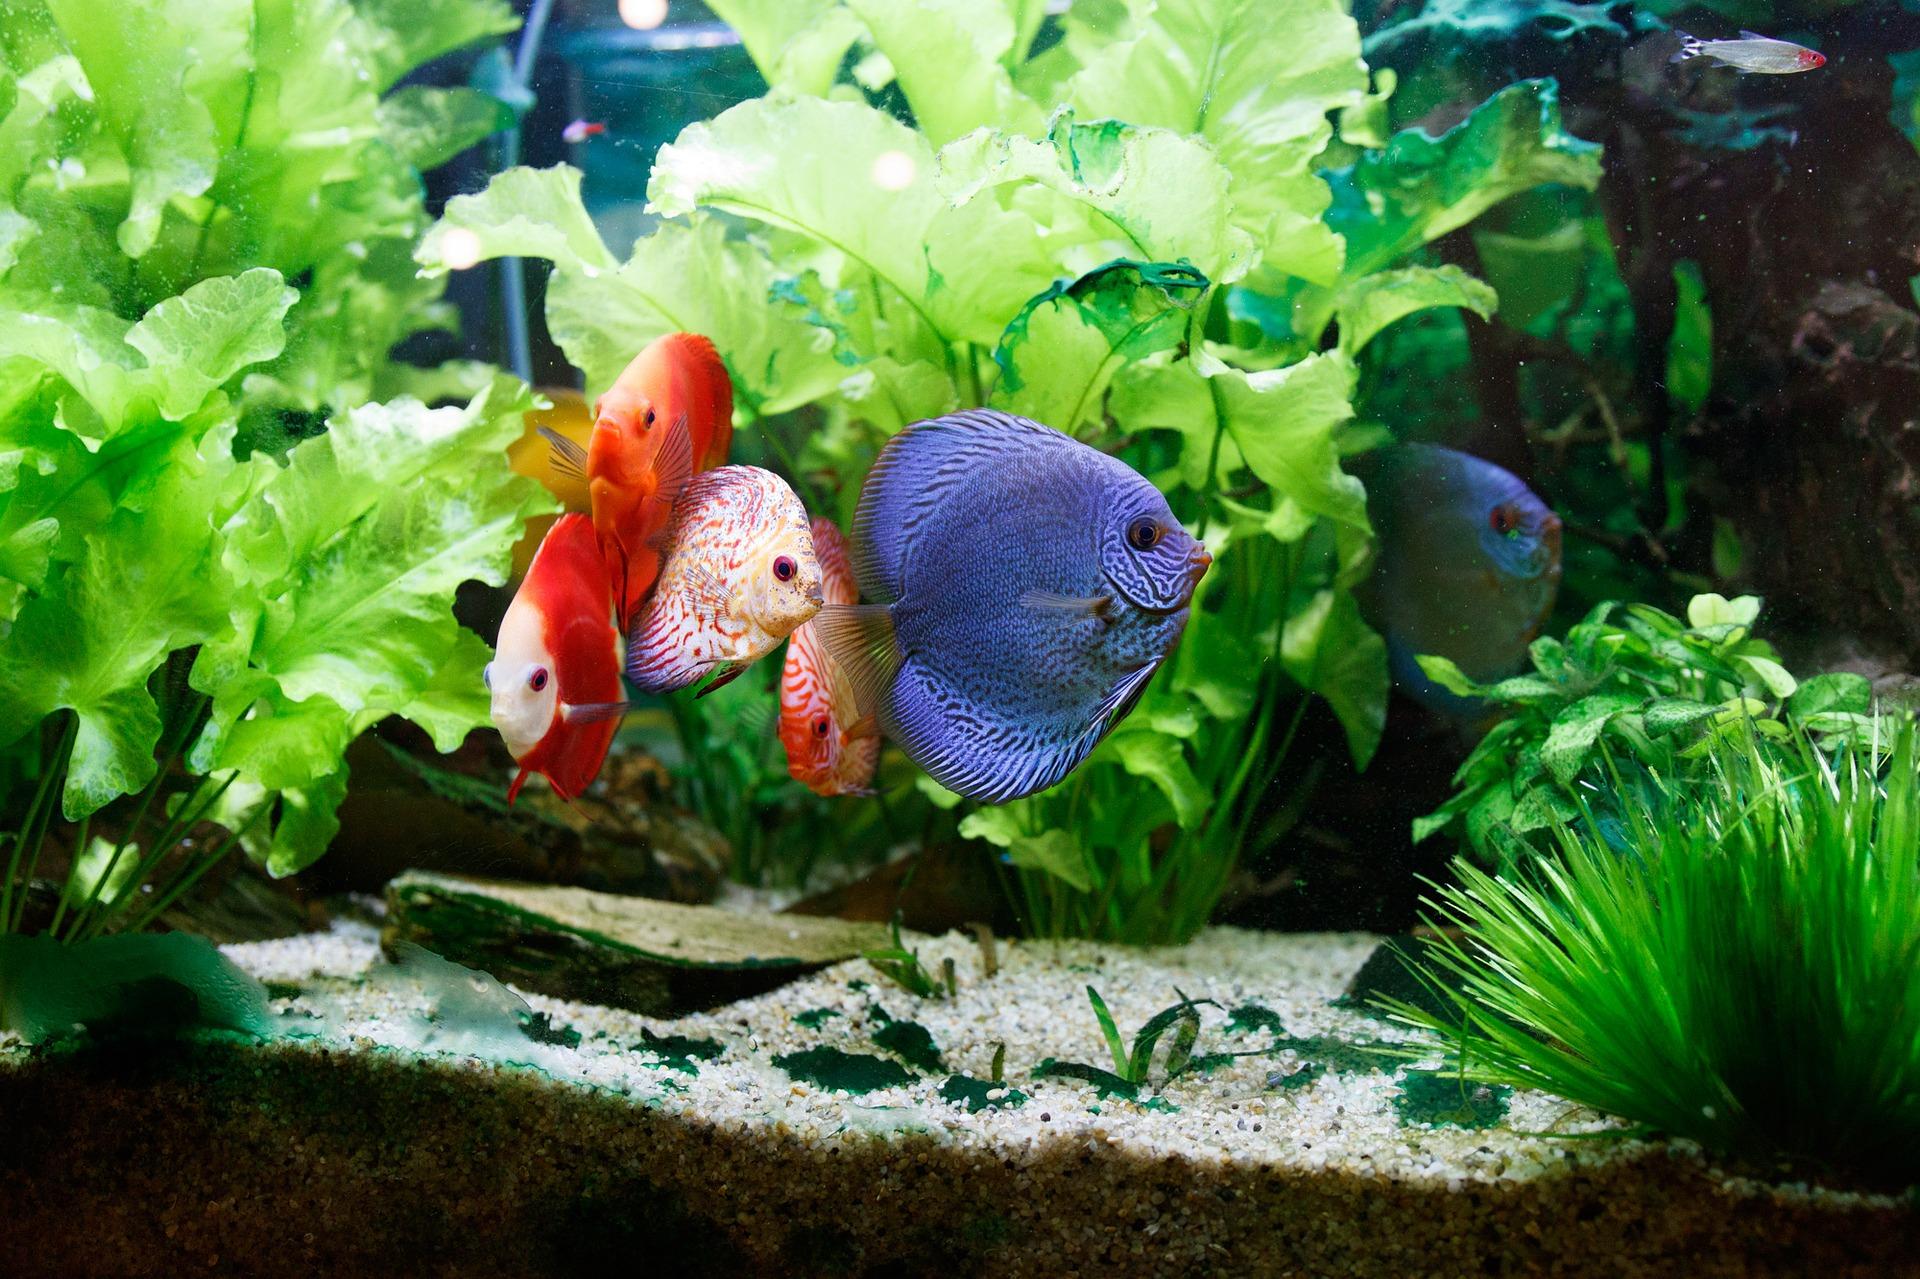 Najpopularniejszym stylem aranżacji akwariów jest styl na wzór naturalnego. Wśród niego można wyróżnić np. iwagumi, ryuboku, mizube, ragwork.